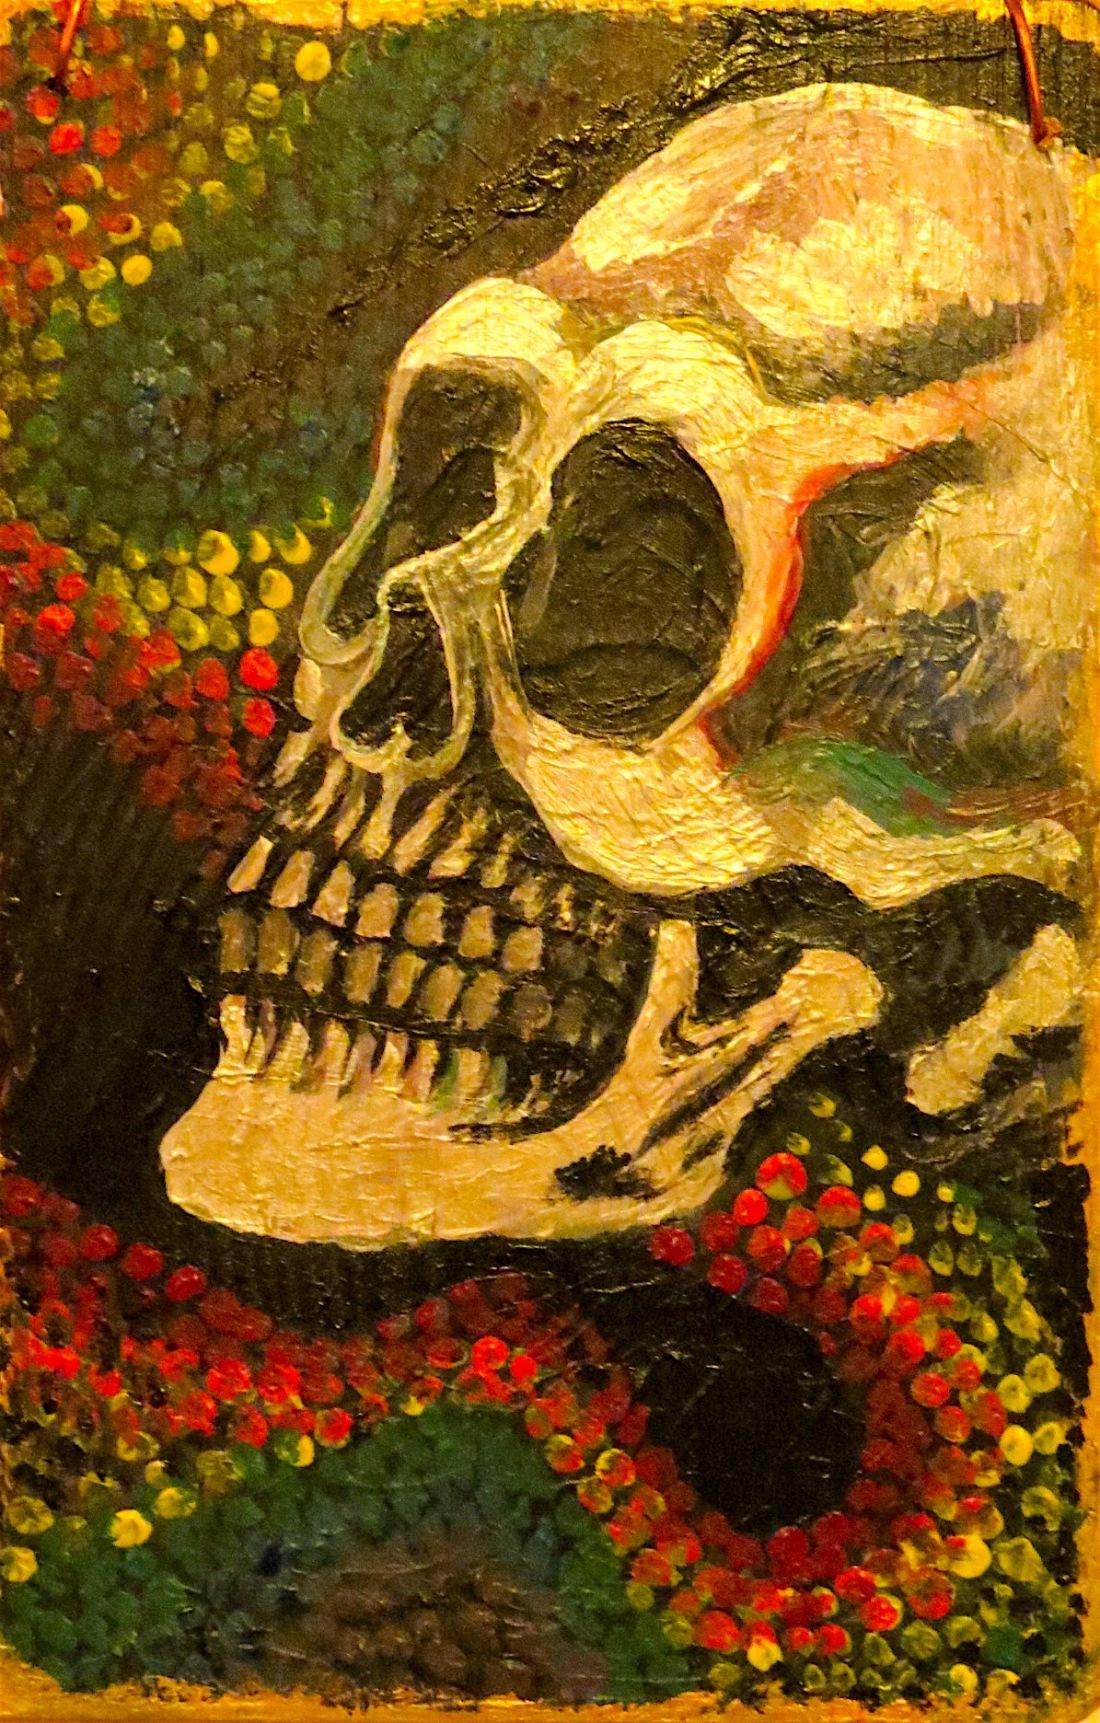 skullwithdots9